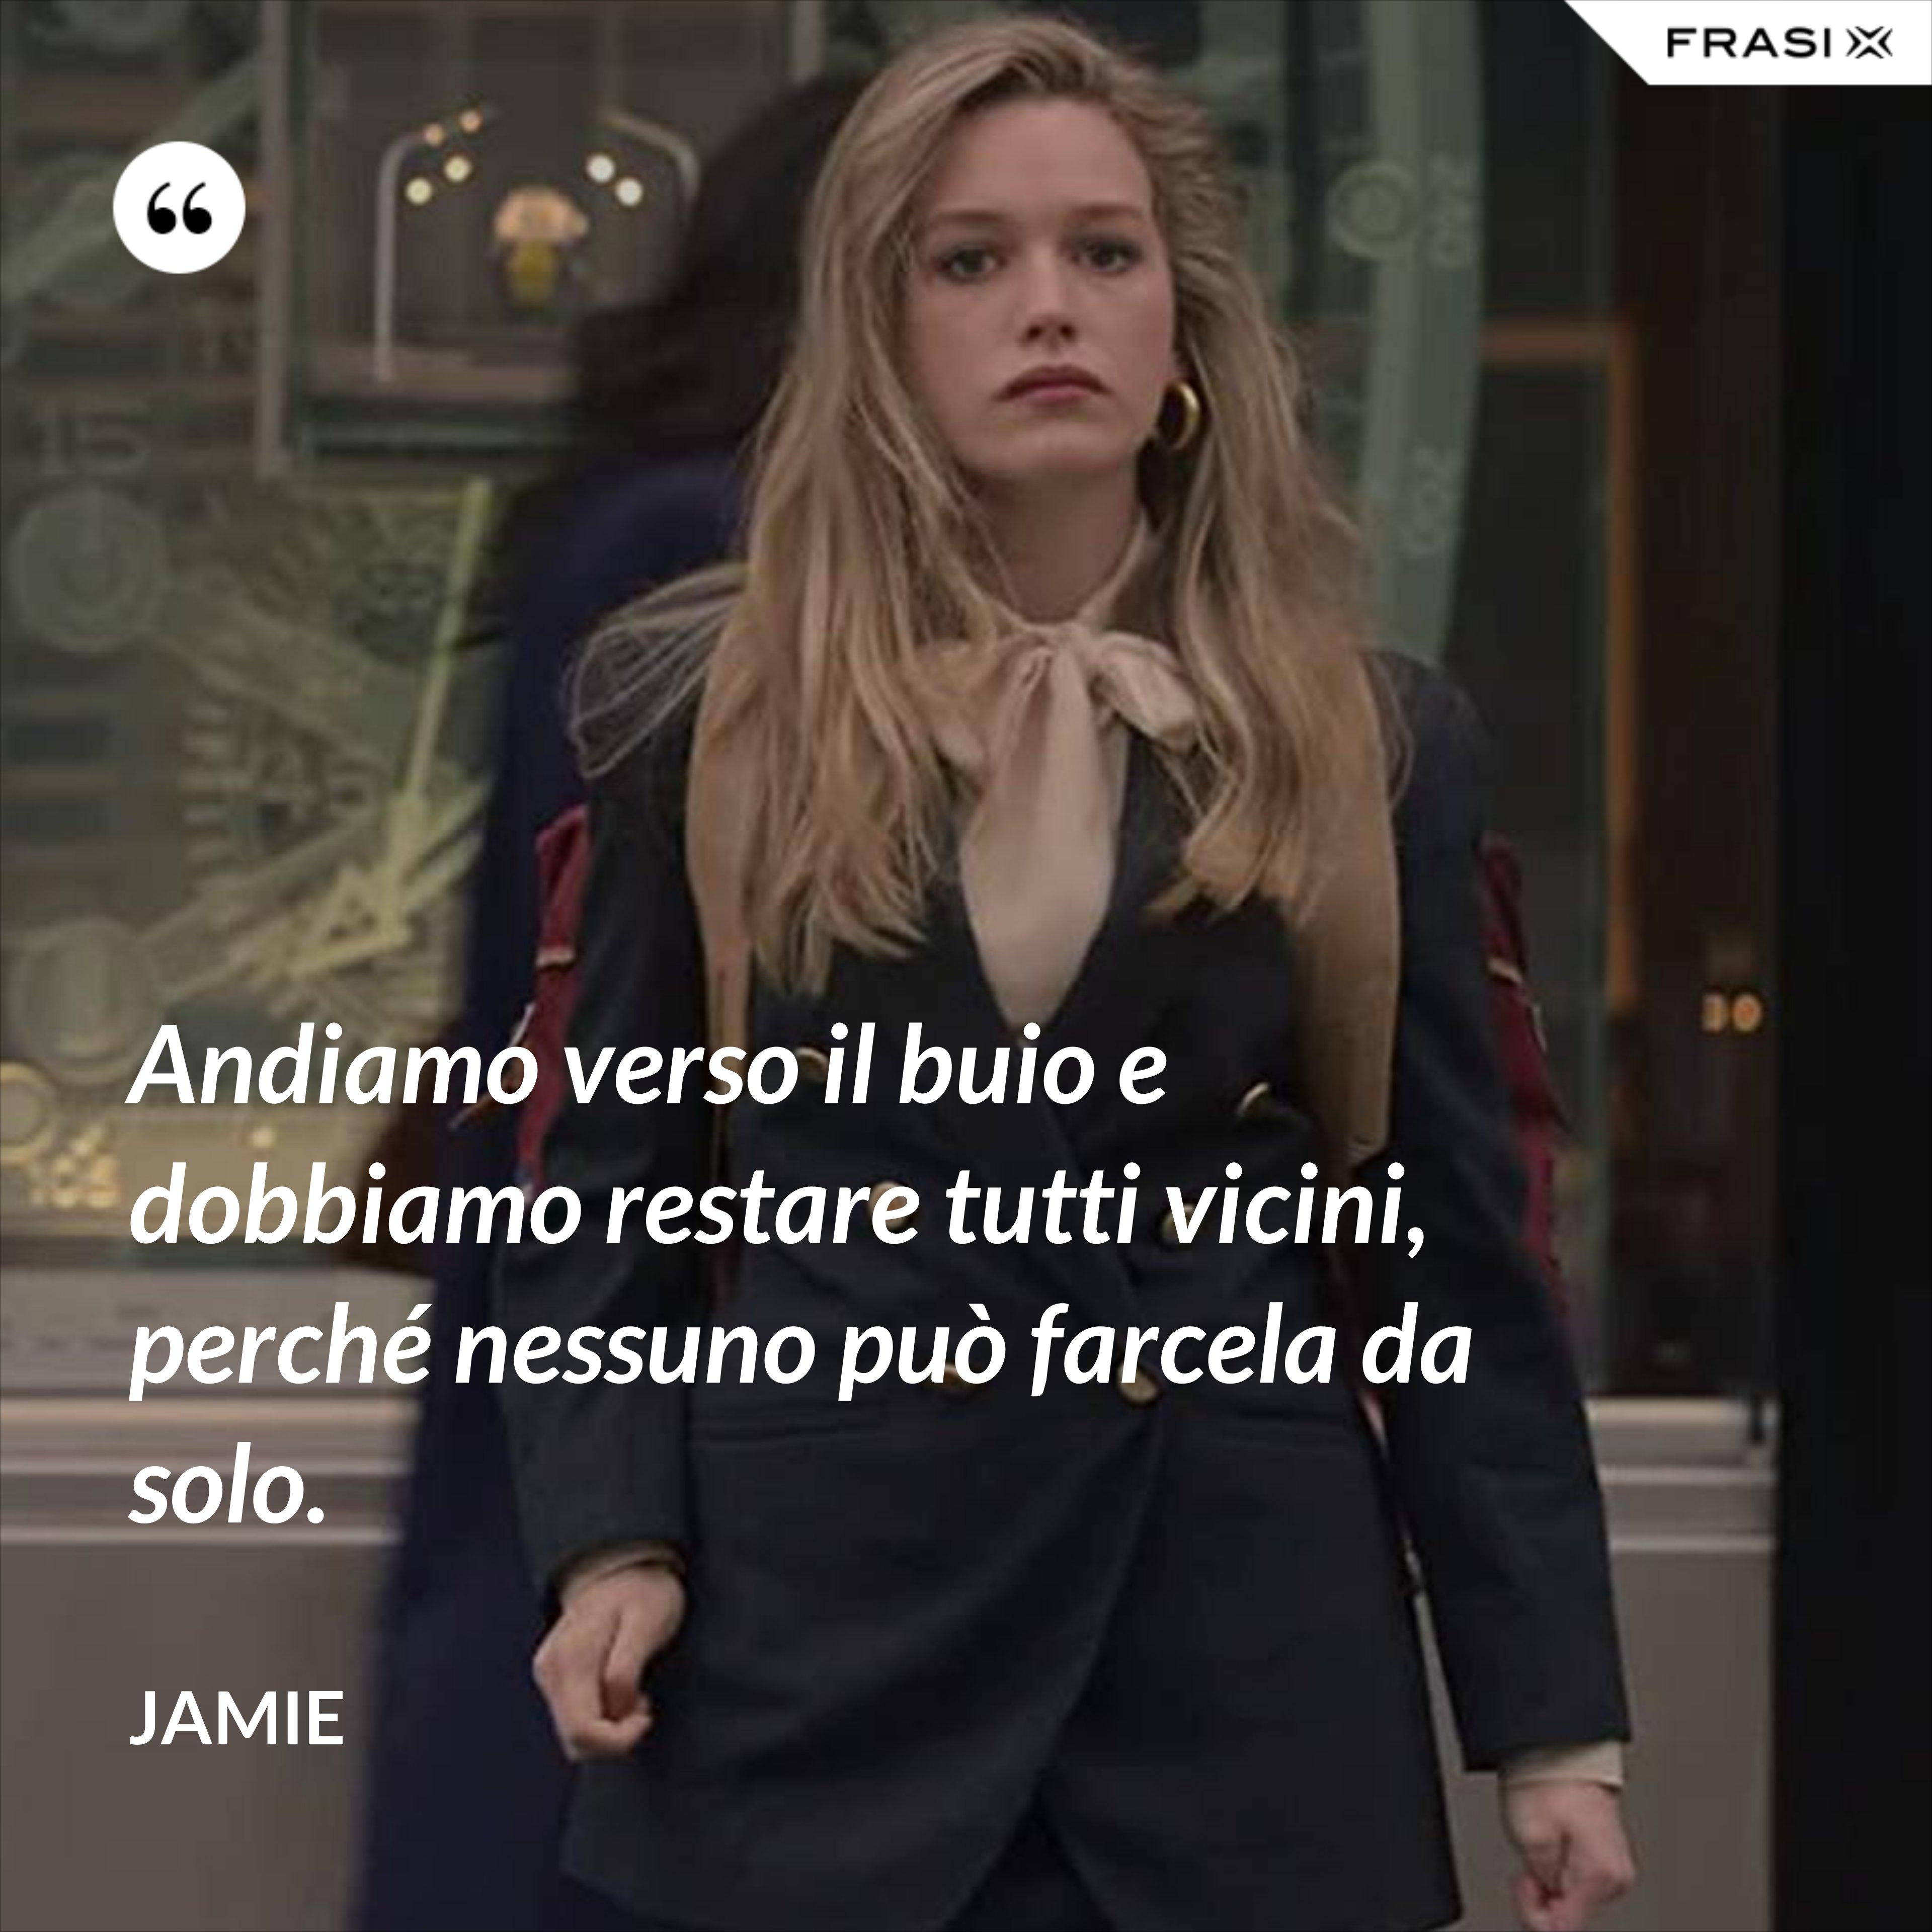 Andiamo verso il buio e dobbiamo restare tutti vicini, perché nessuno può farcela da solo. - Jamie